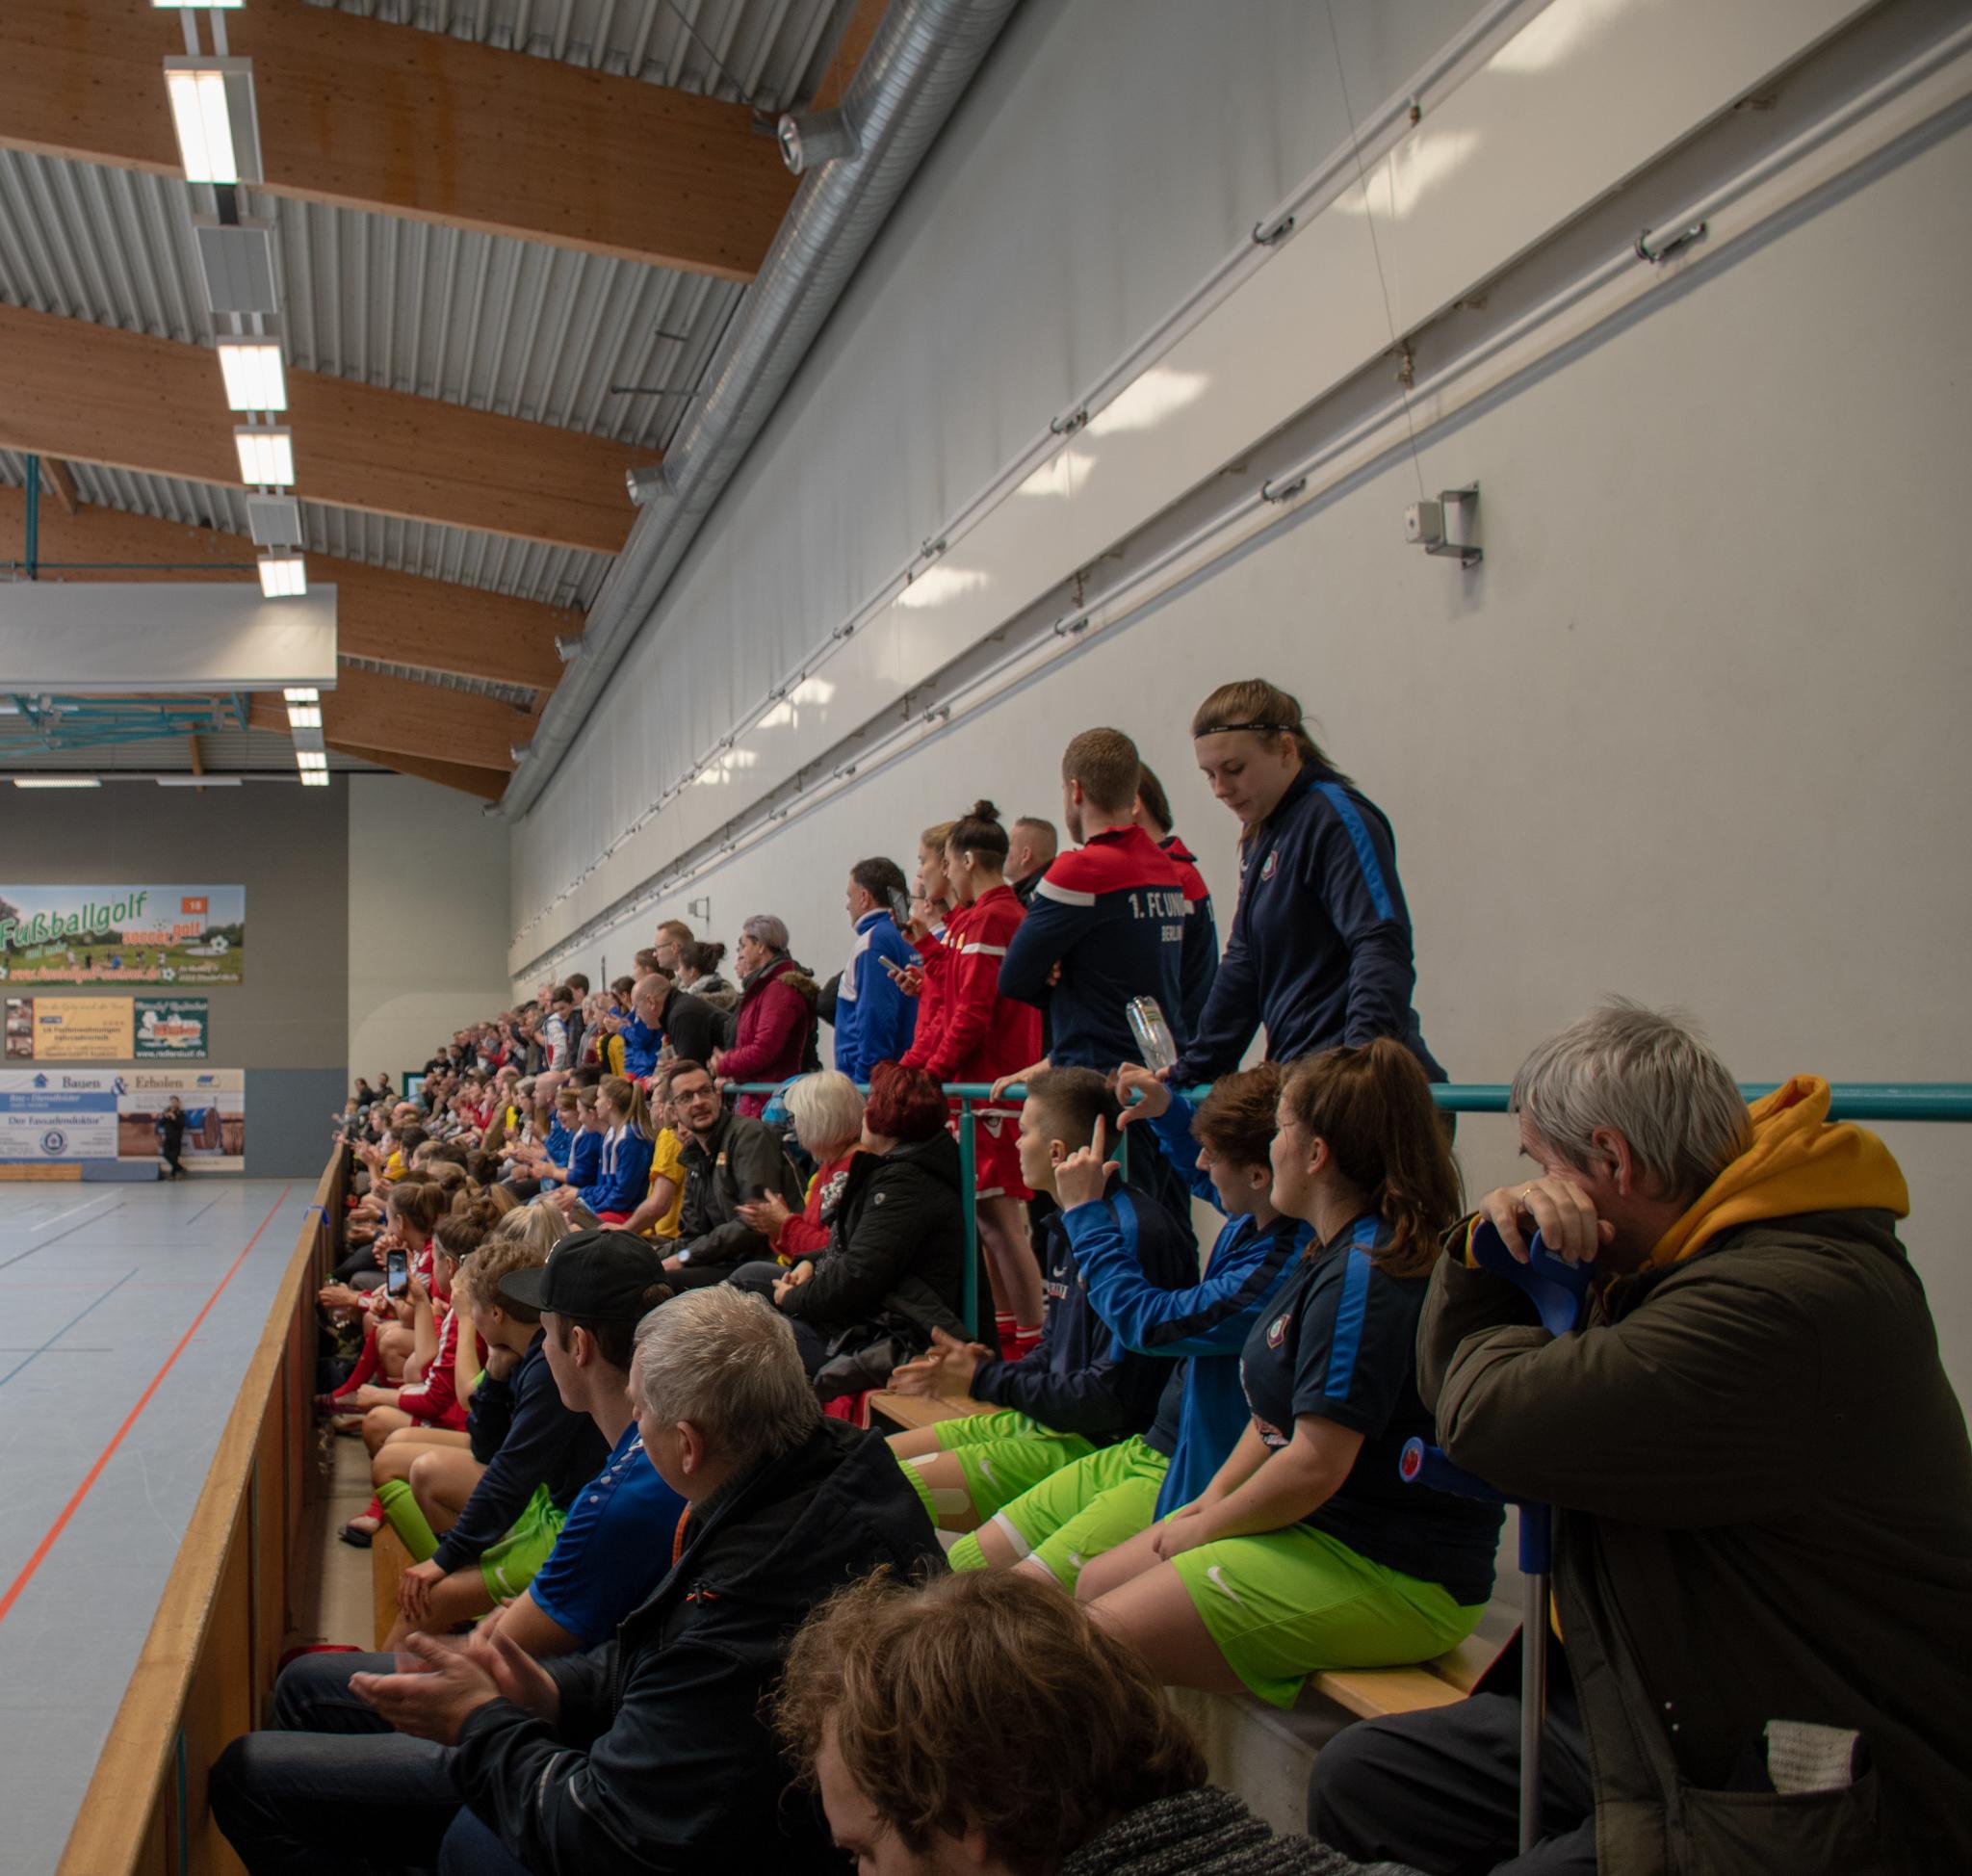 20190113  IDX6239, Frauenfußball, Großkoschen, Seesporthalle, Soccergolf Sachsen, Turnier